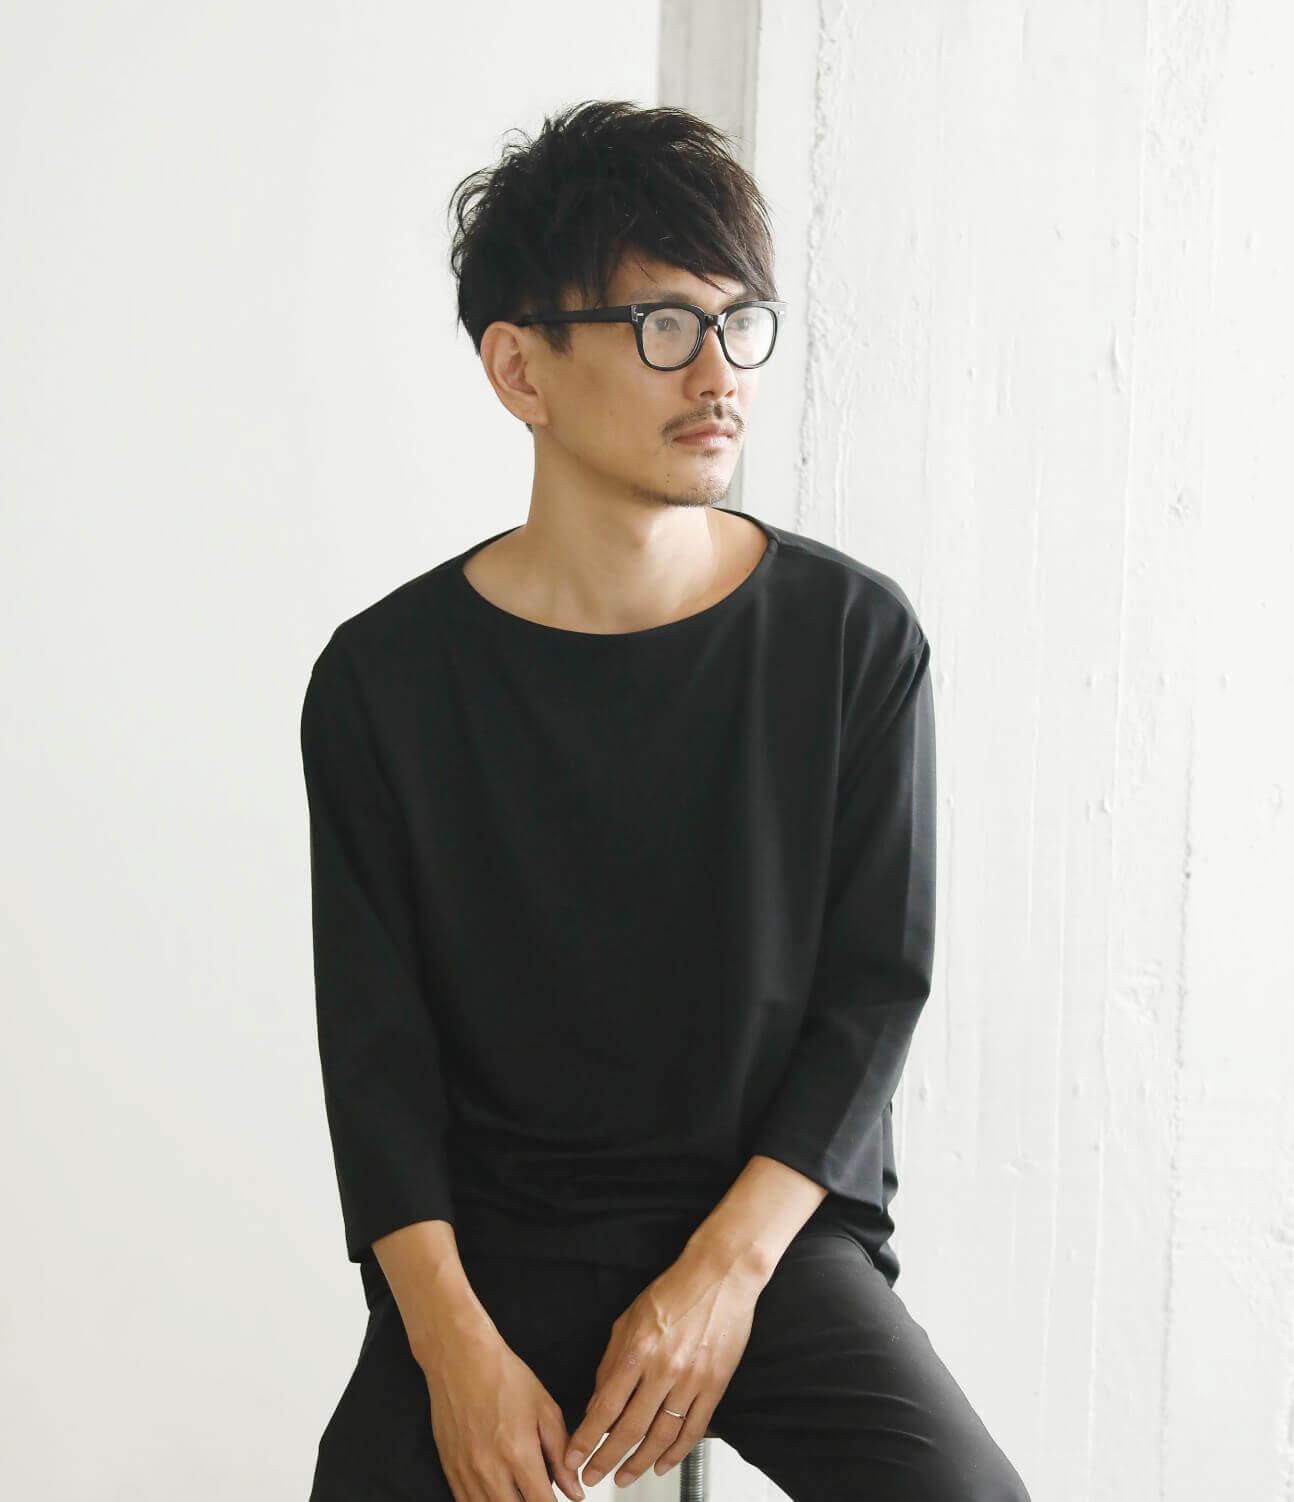 写真:nanocolor 代表取締役 川端康介